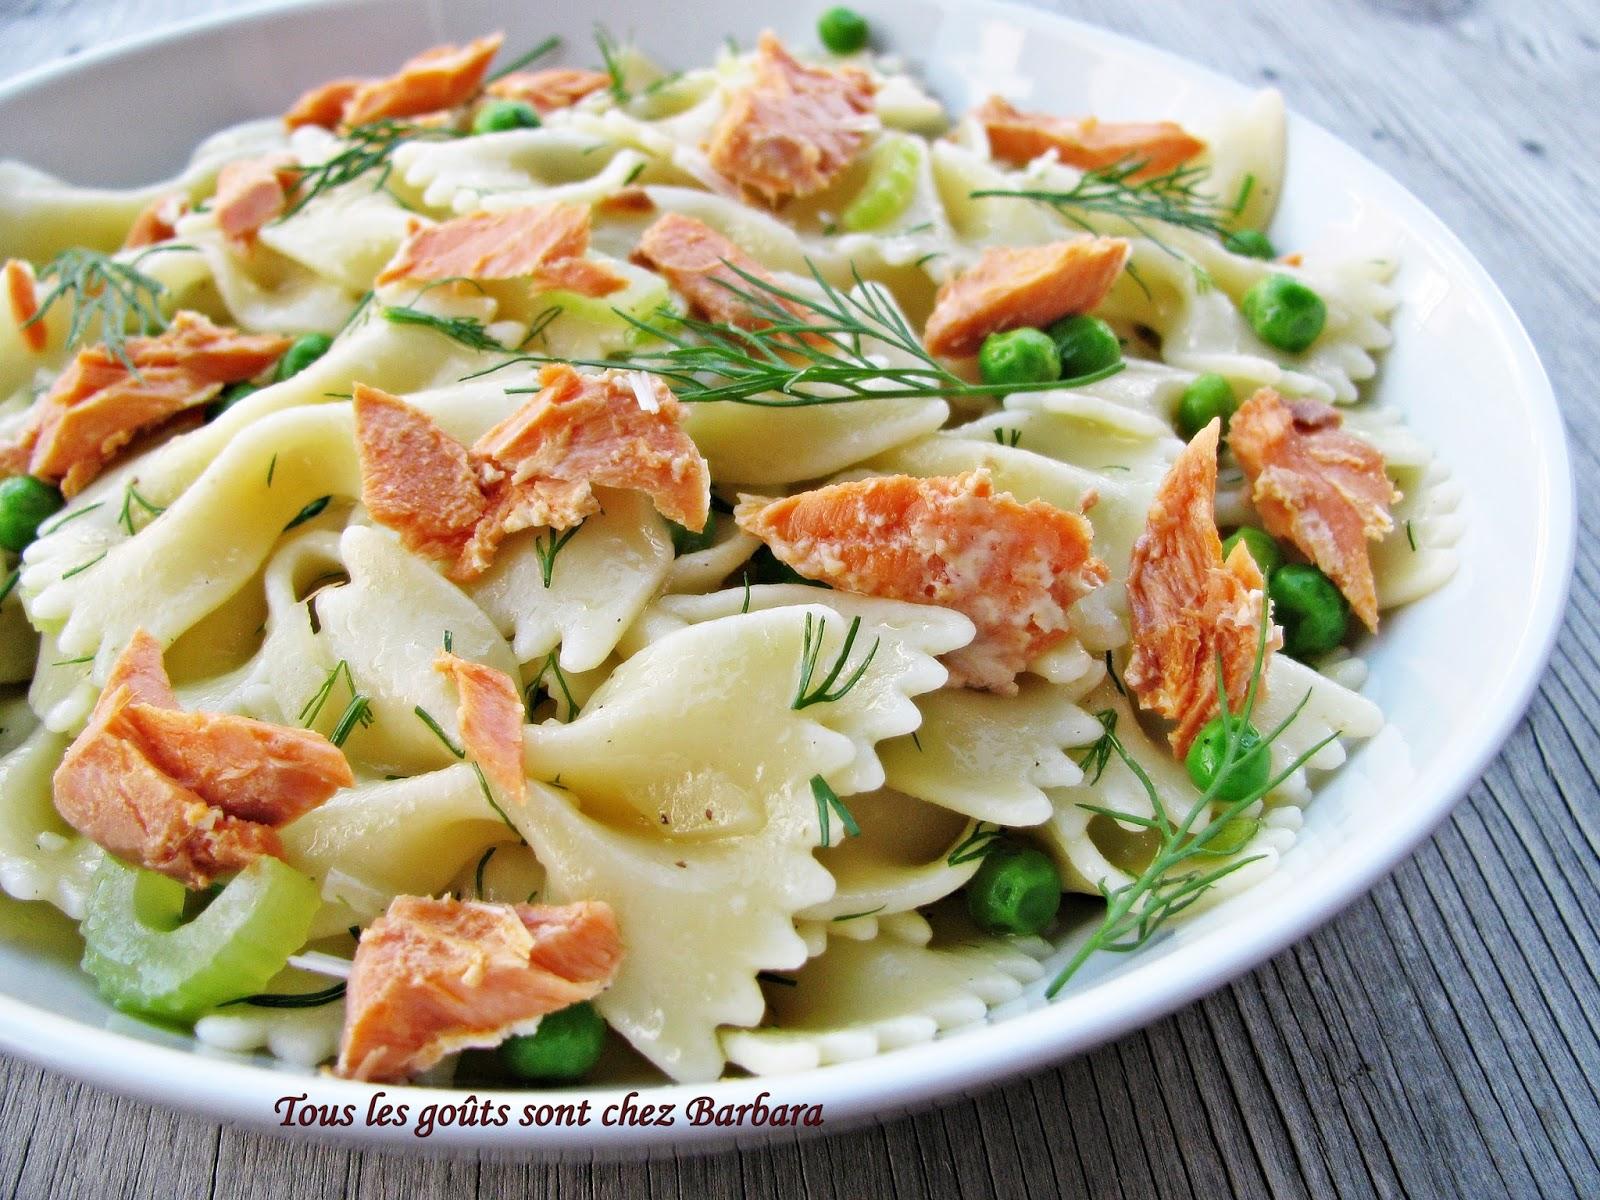 tous les go 251 ts sont chez barbara salade de p 226 tes au saumon sockeye et 224 l aneth